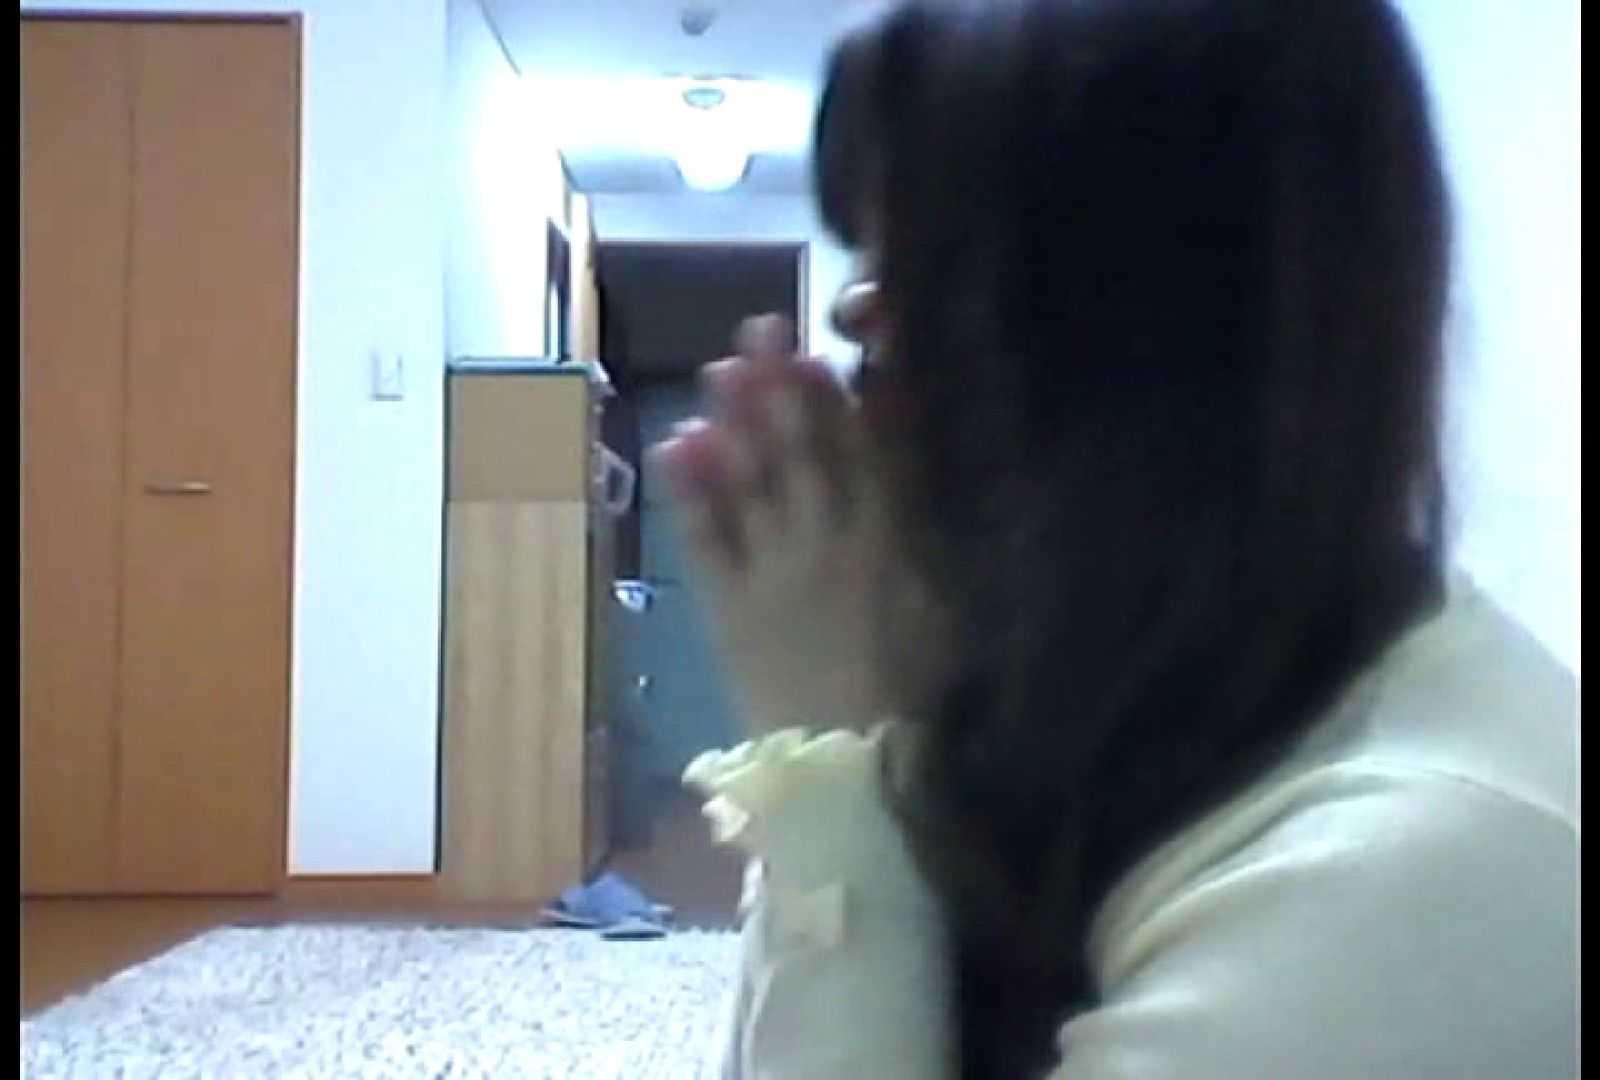 電魔王さんの「盗撮の部屋」No.5 sarie 盗撮  78pic 38